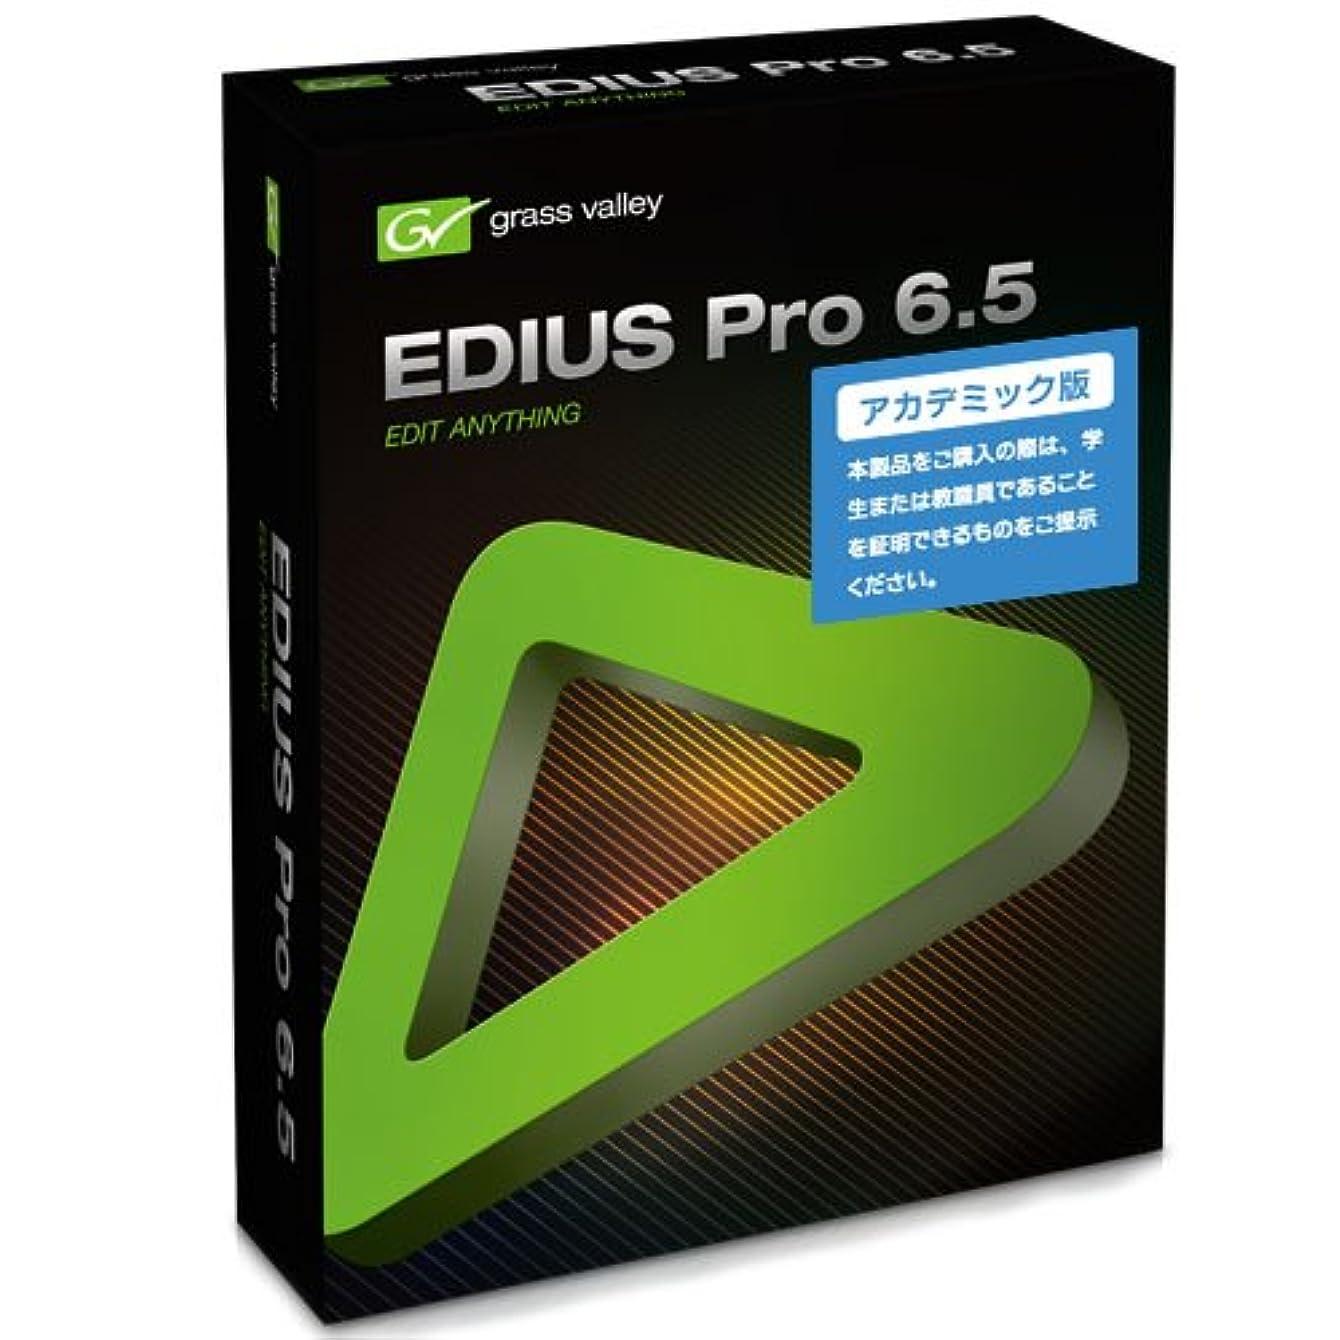 ずらすデザイナー断片グラスバレー EDIUS Pro 6.5 アカデミック版 EPR65-STR-EJ